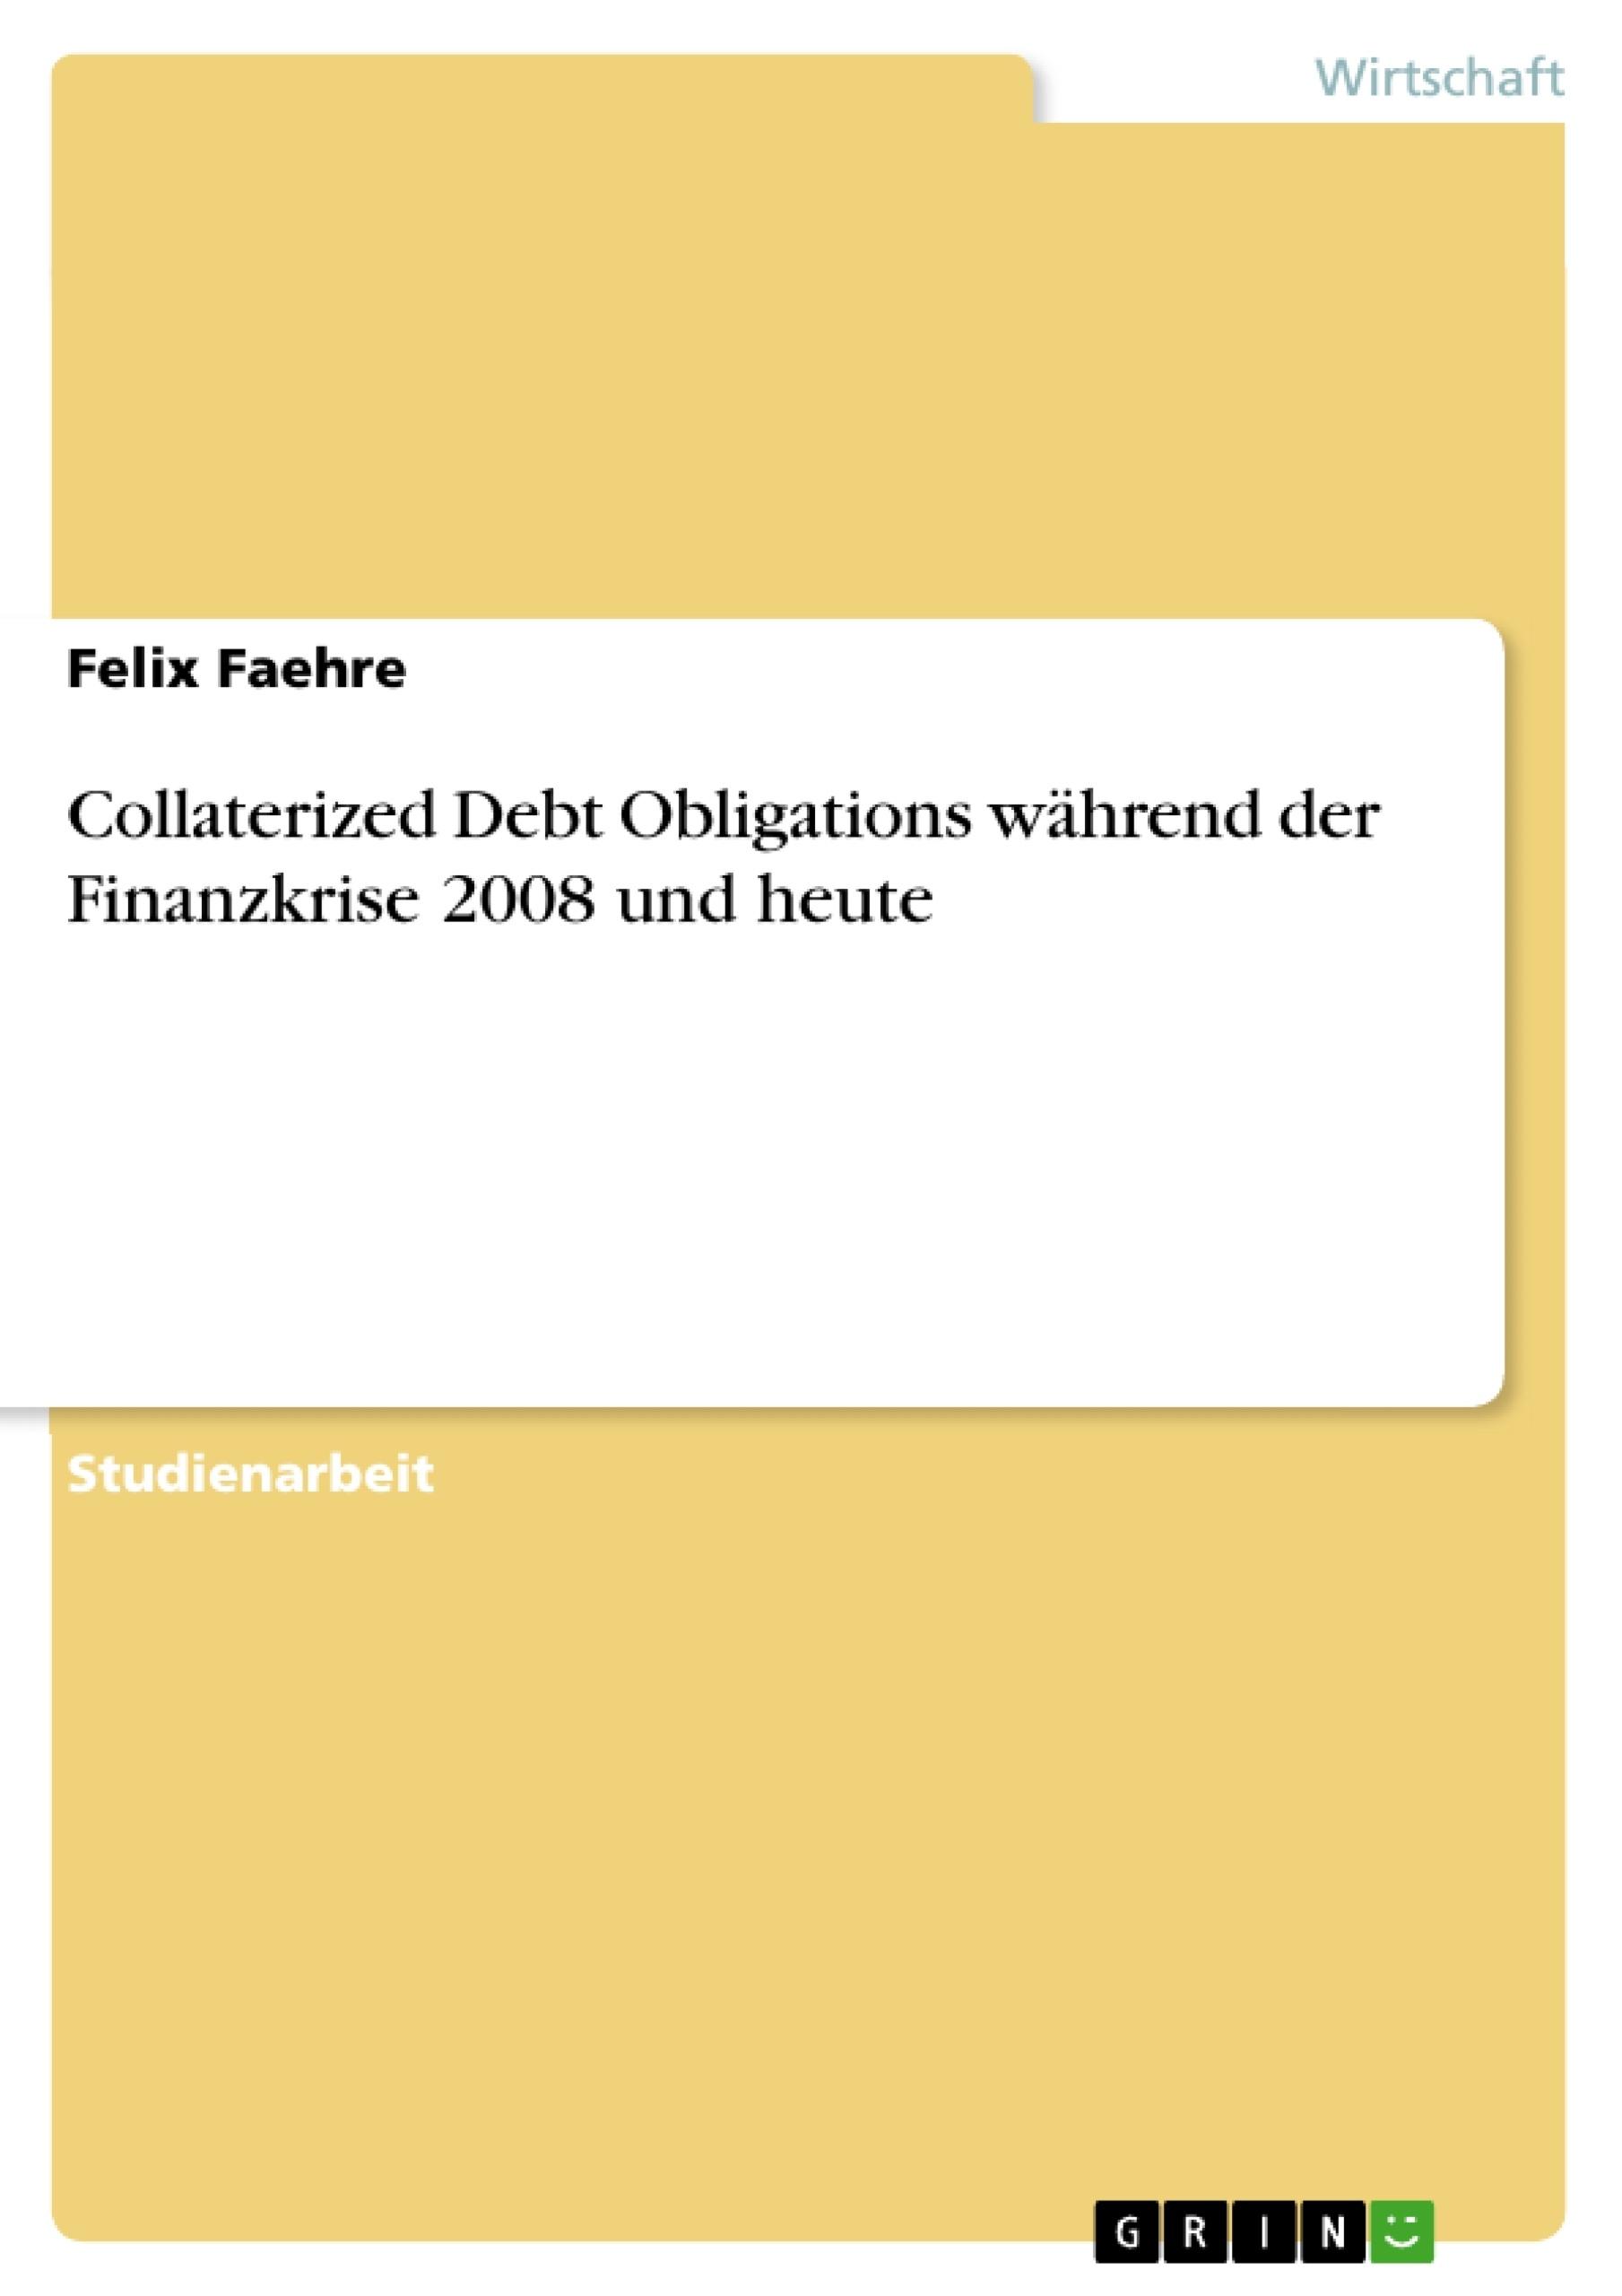 Titel: Collaterized Debt Obligations während der Finanzkrise 2008 und heute